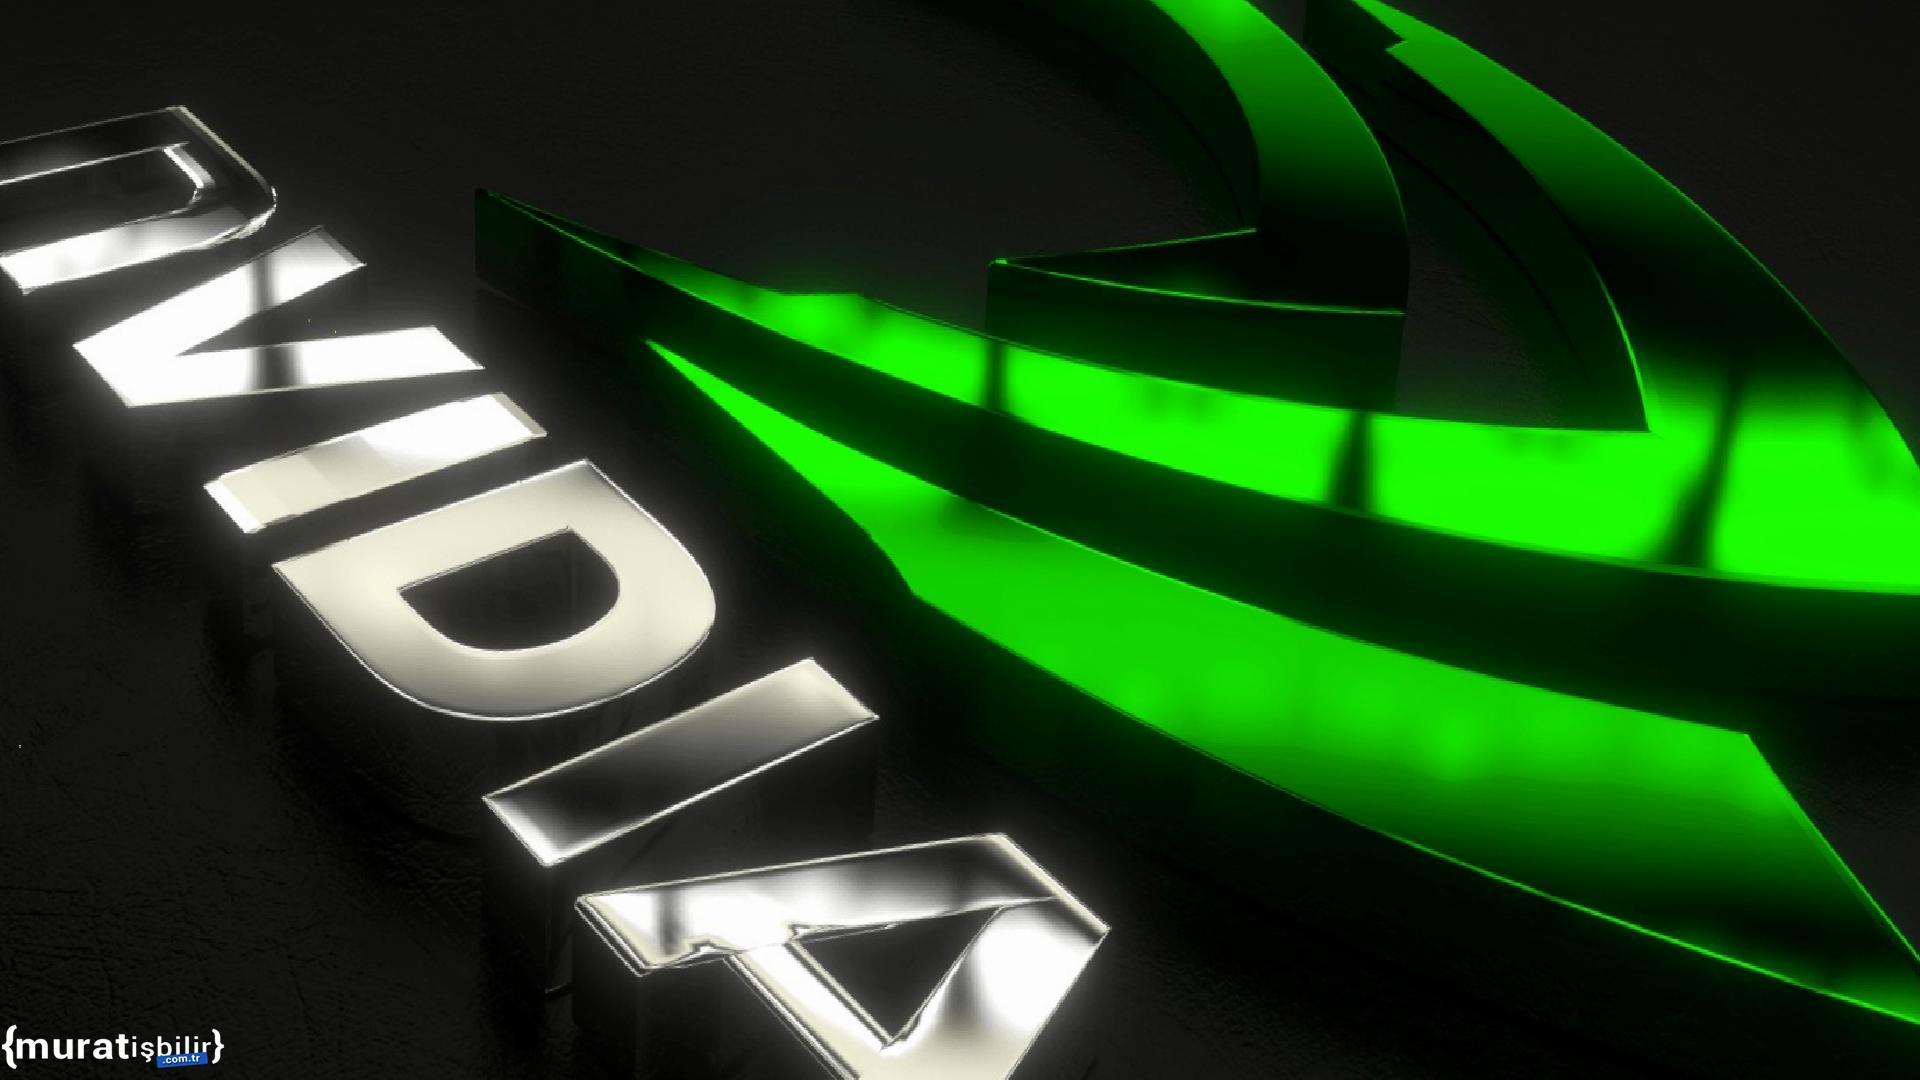 NVIDIA, Üç Aylık Dilimde Tüm Zamanların En Yüksek Gelirini Açıkladı